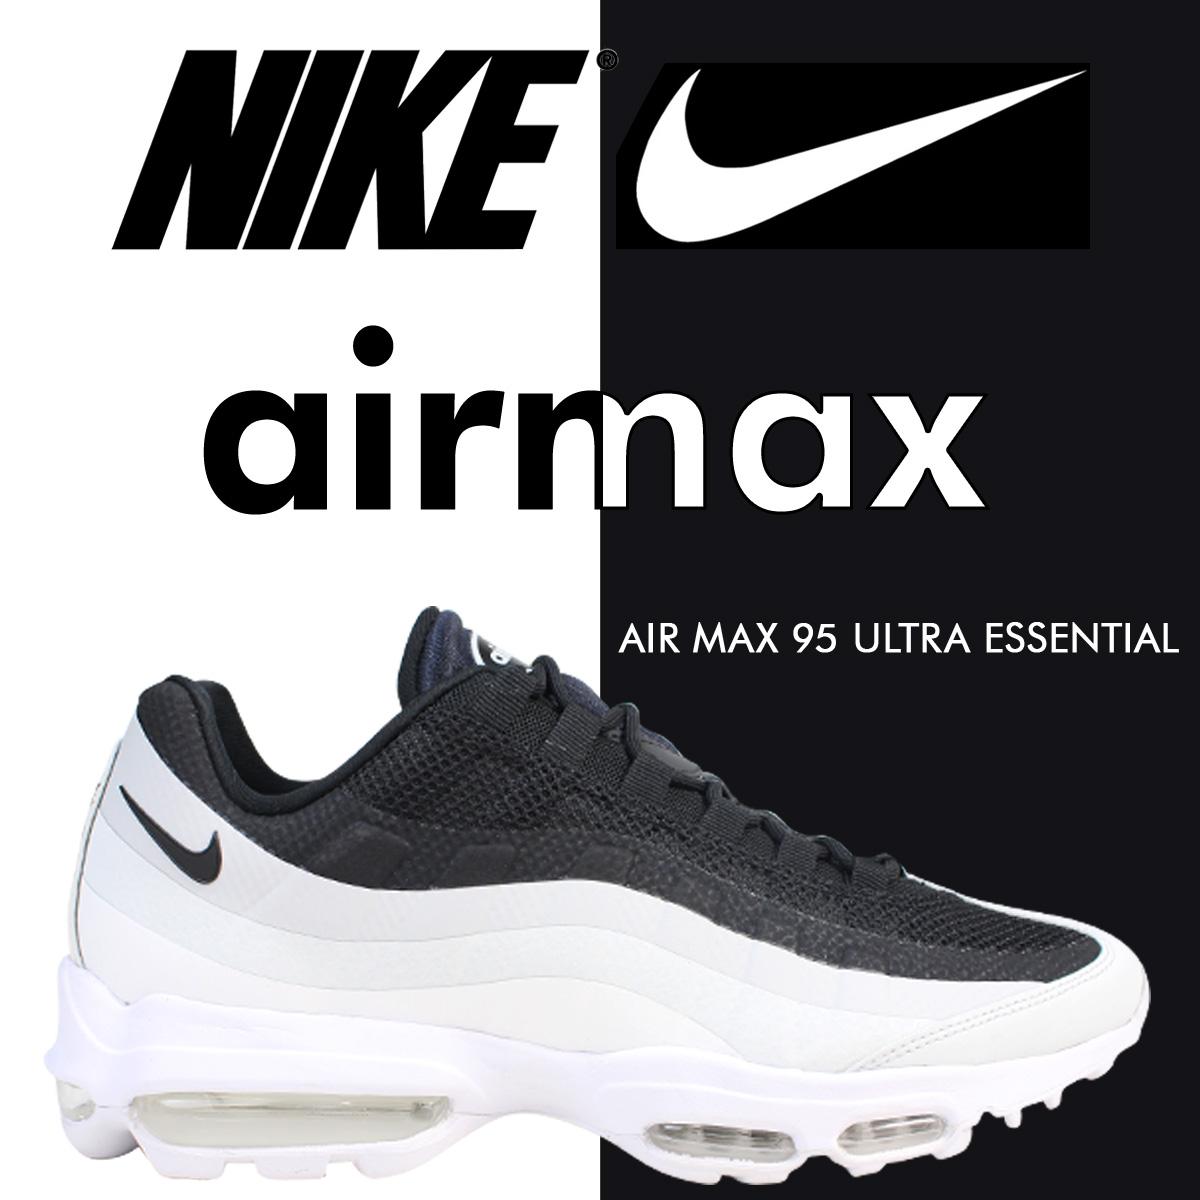 air max 95 ultra essential